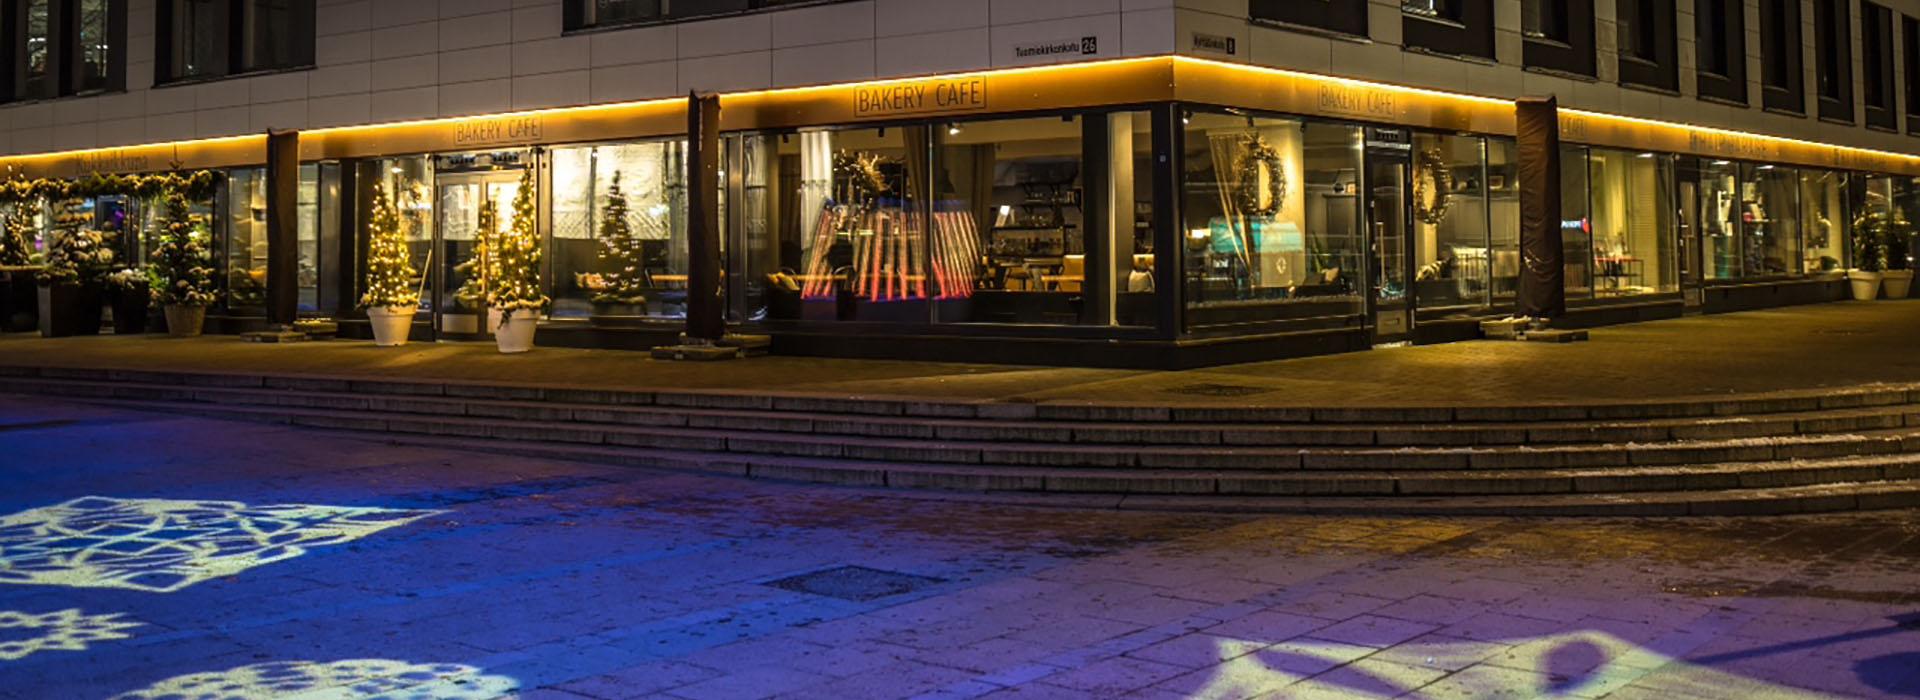 Bakery Cafe Tampereen keskustassa Tuomiokirkonkadulla